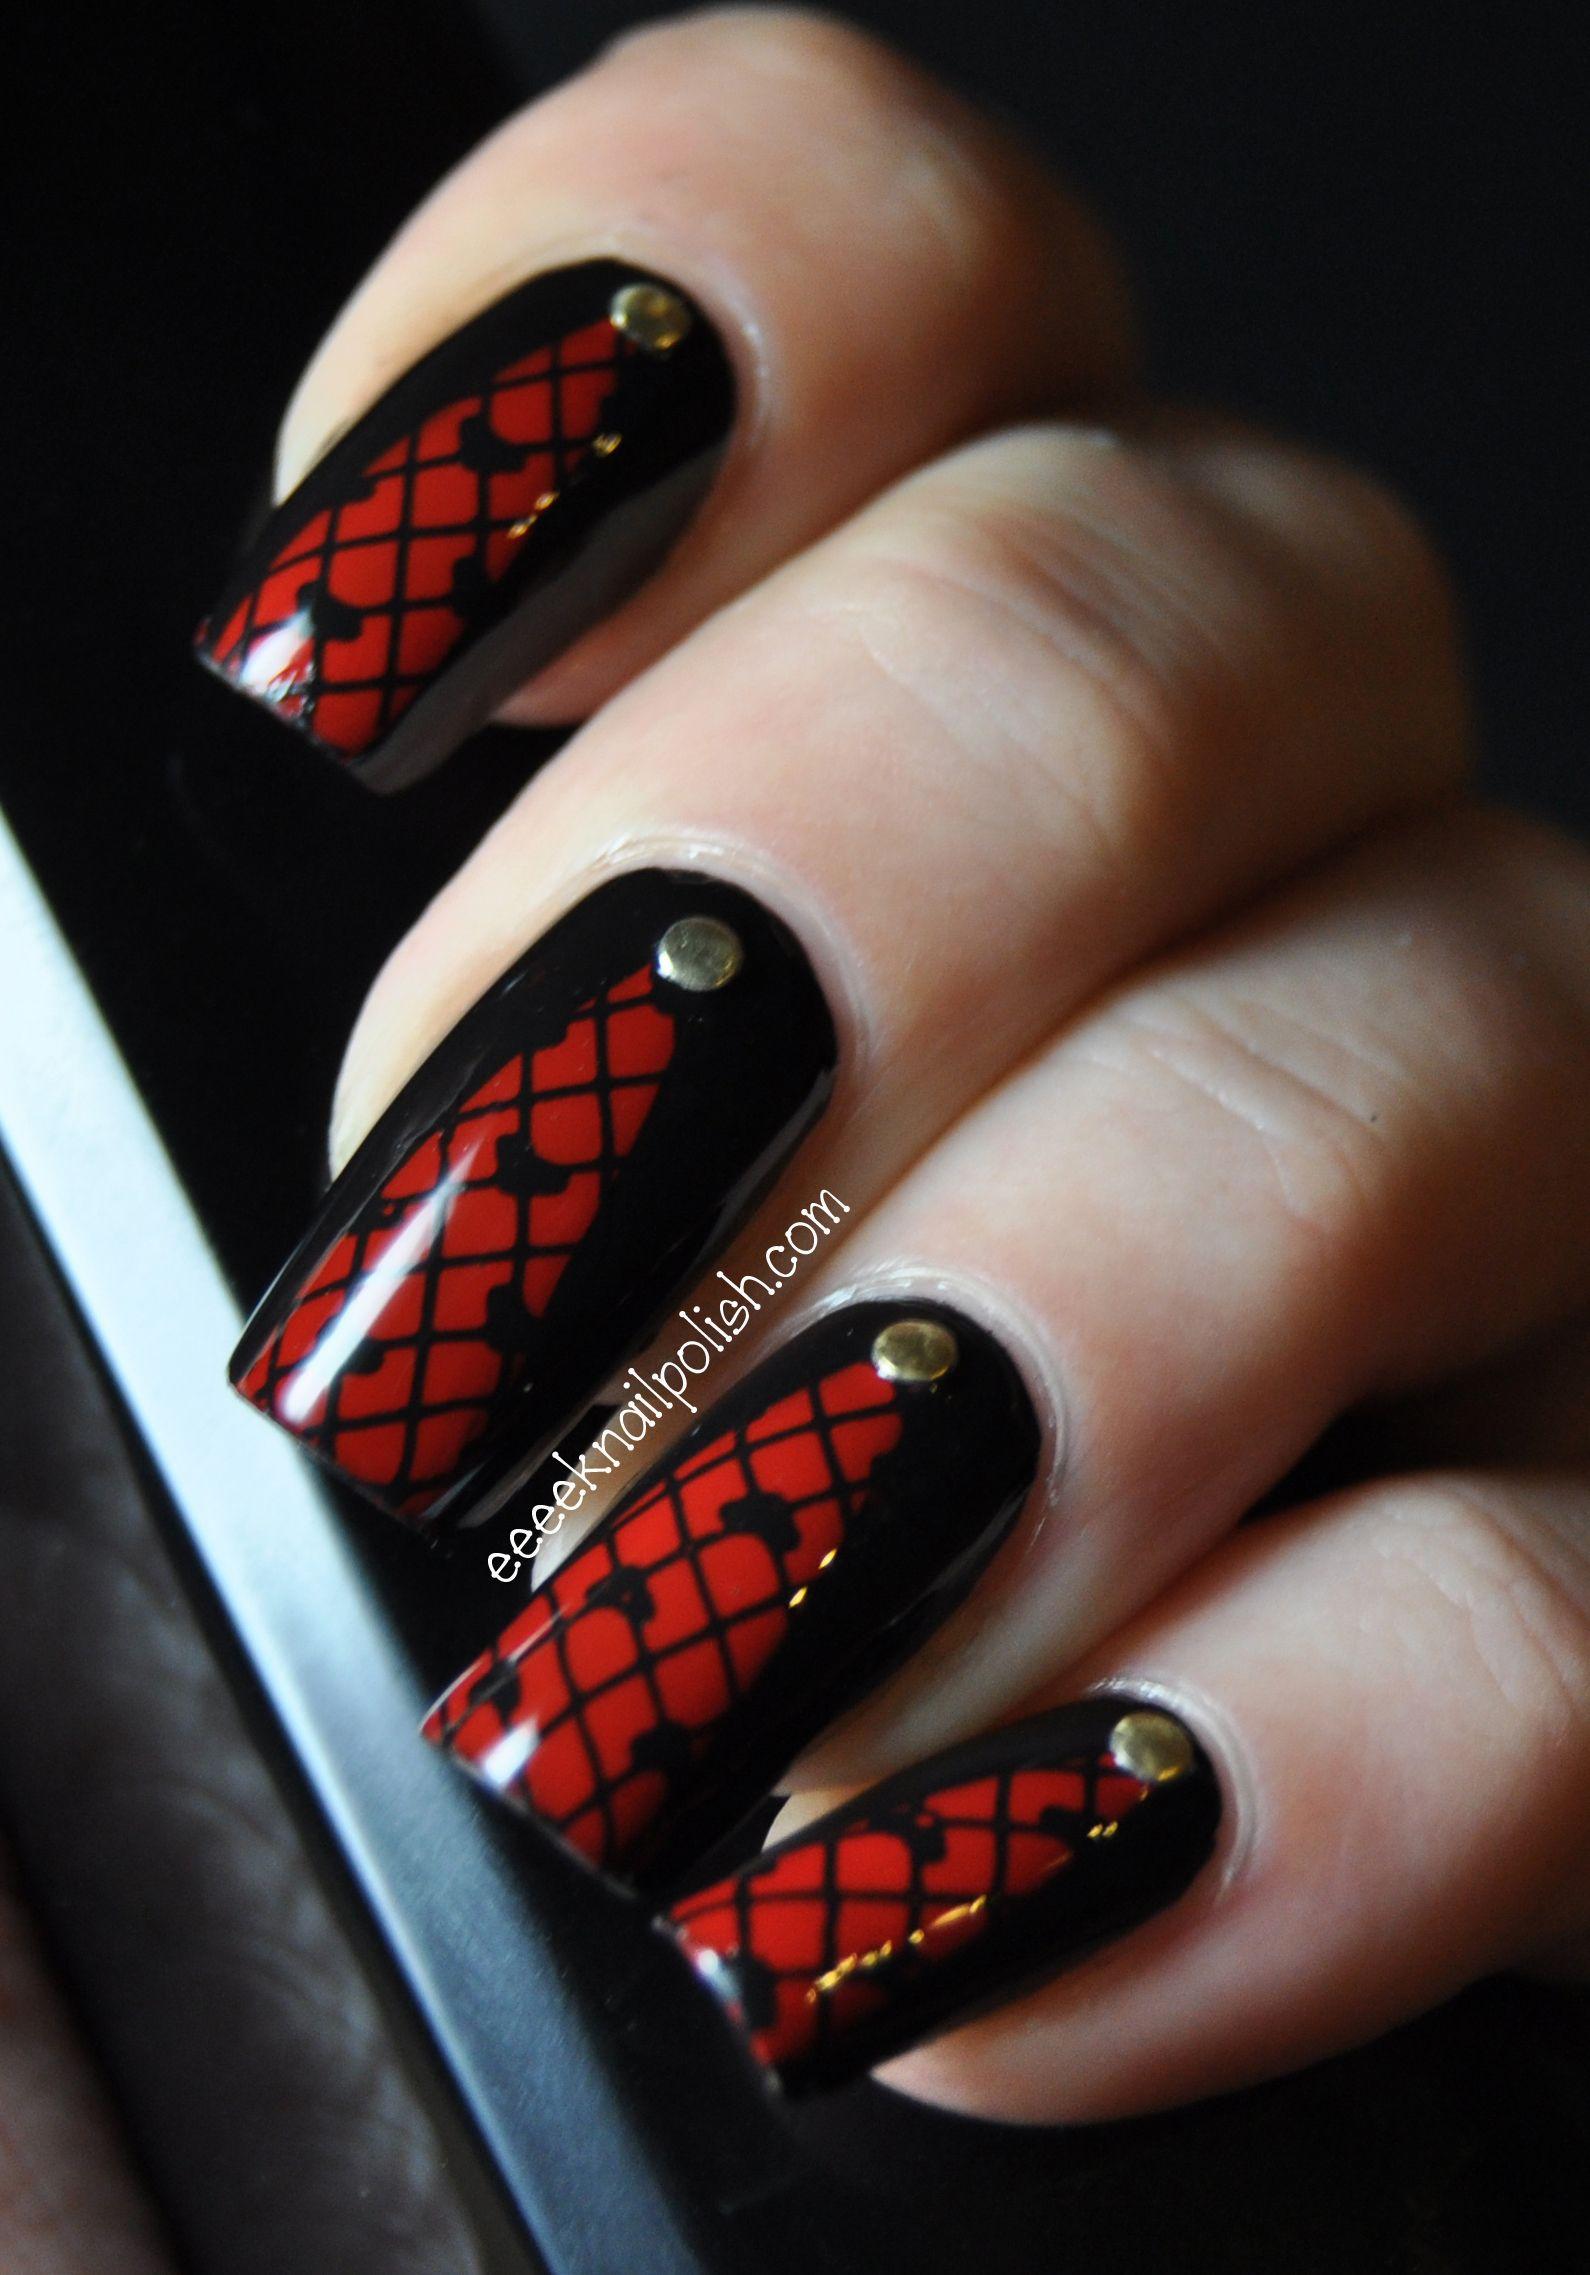 Boots 17 Risky Red Black Nail Designs Black Nail Art Red Nail Designs